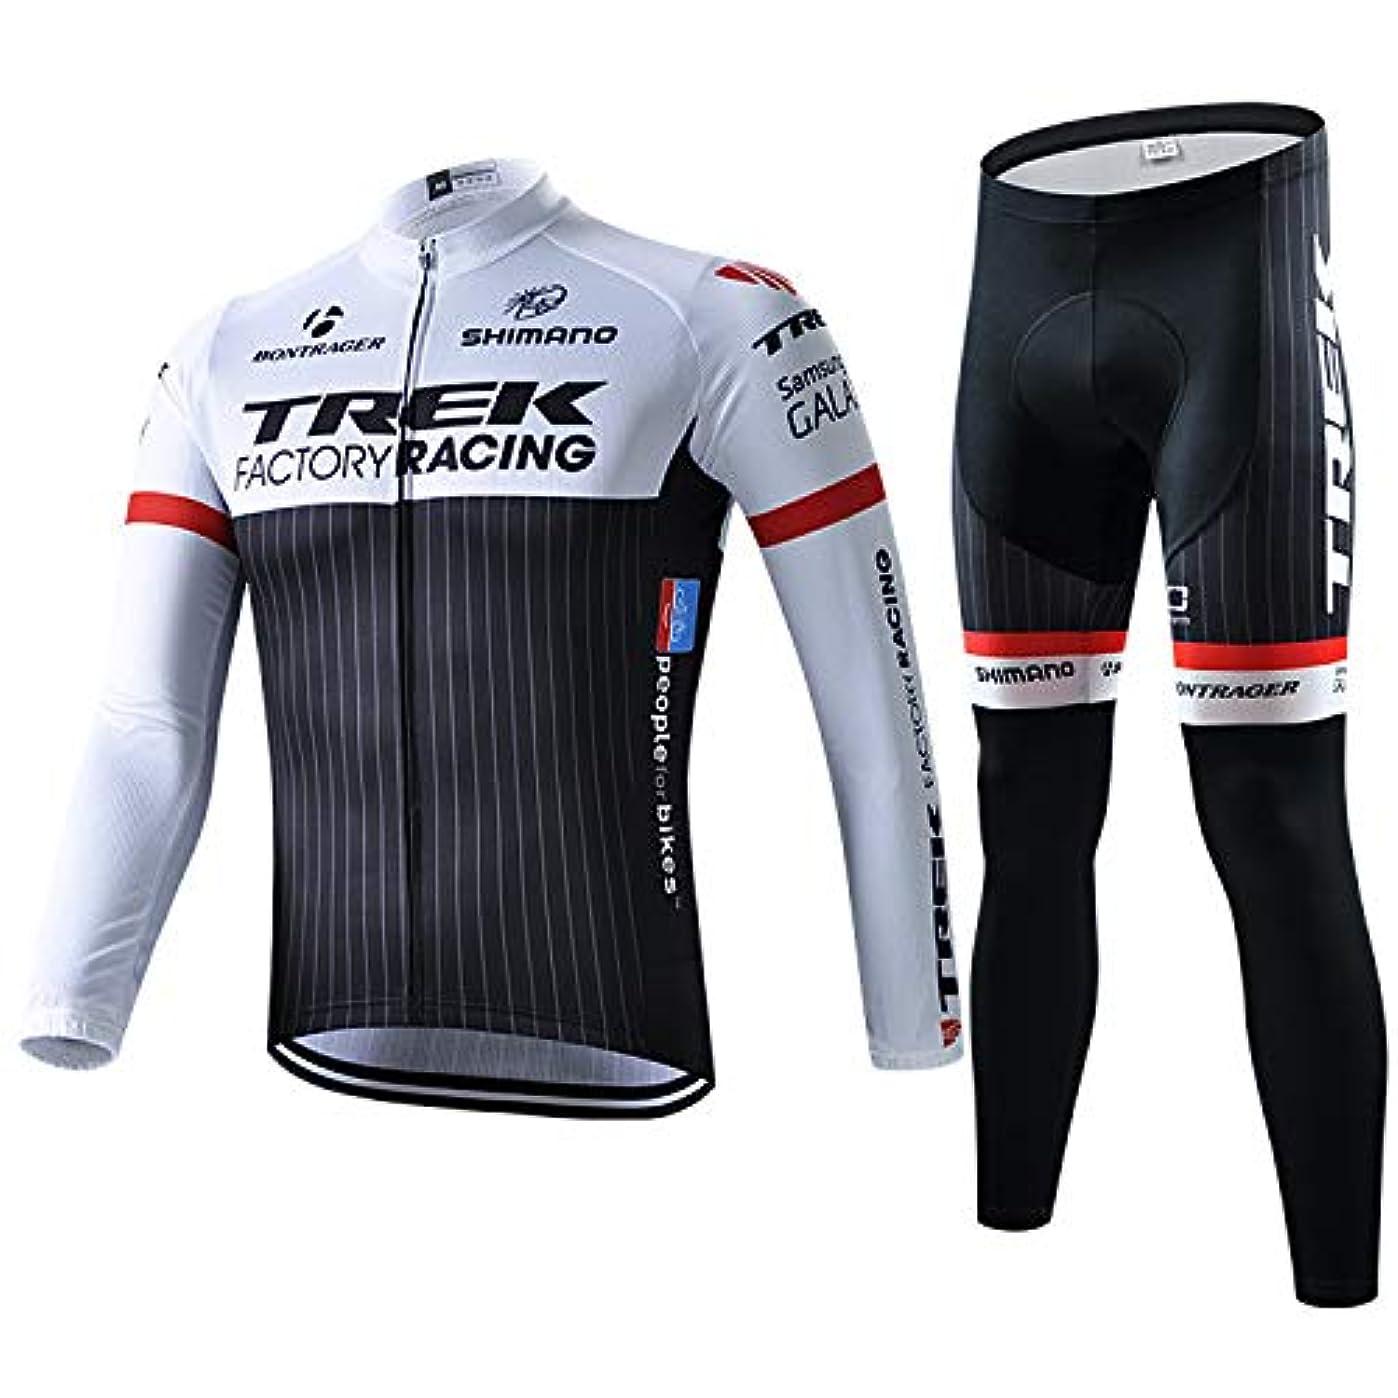 草祈る購入Tissey 高弾力 サイクルジャージ上下セット 男性用自転車サイクルウェア 長袖 吸汗速乾 通気がいい 春秋用上下セッド ホワイト